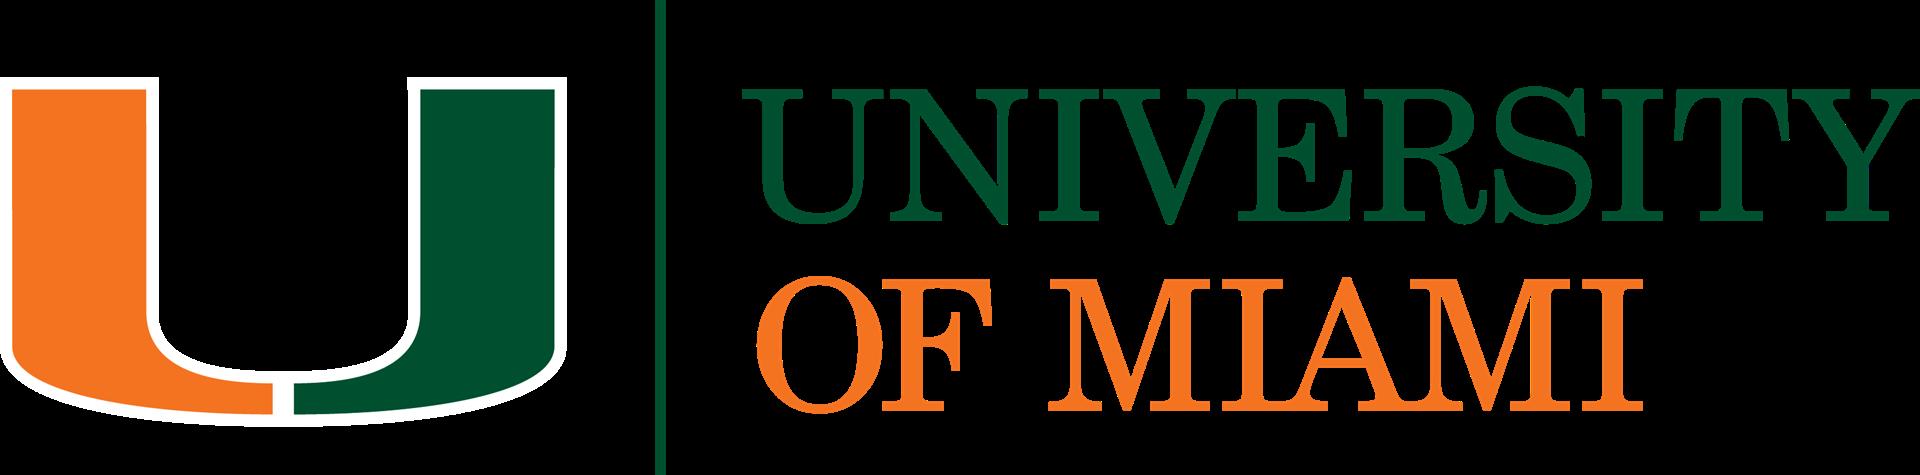 Miami.edu